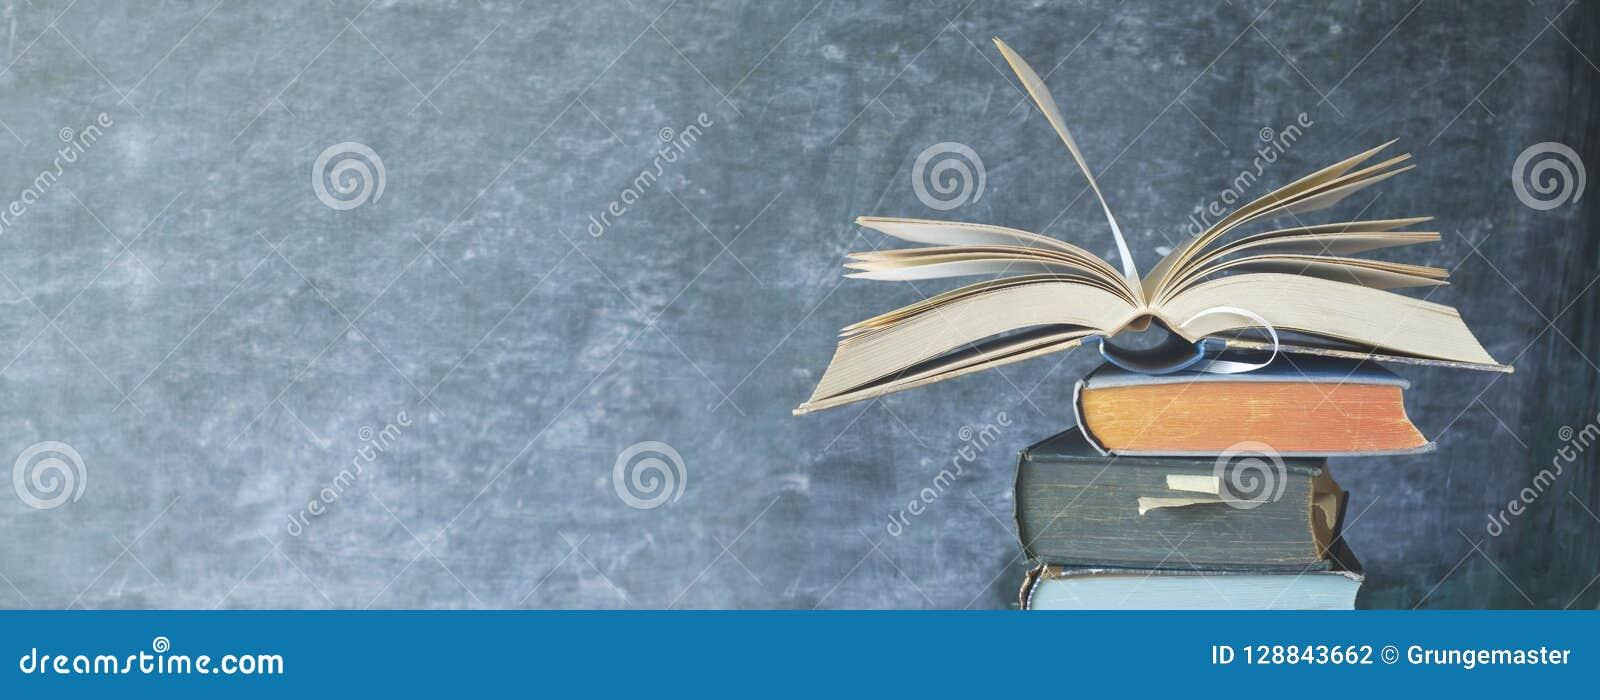 Abra el libro en una pila de libros viejos, pizarra